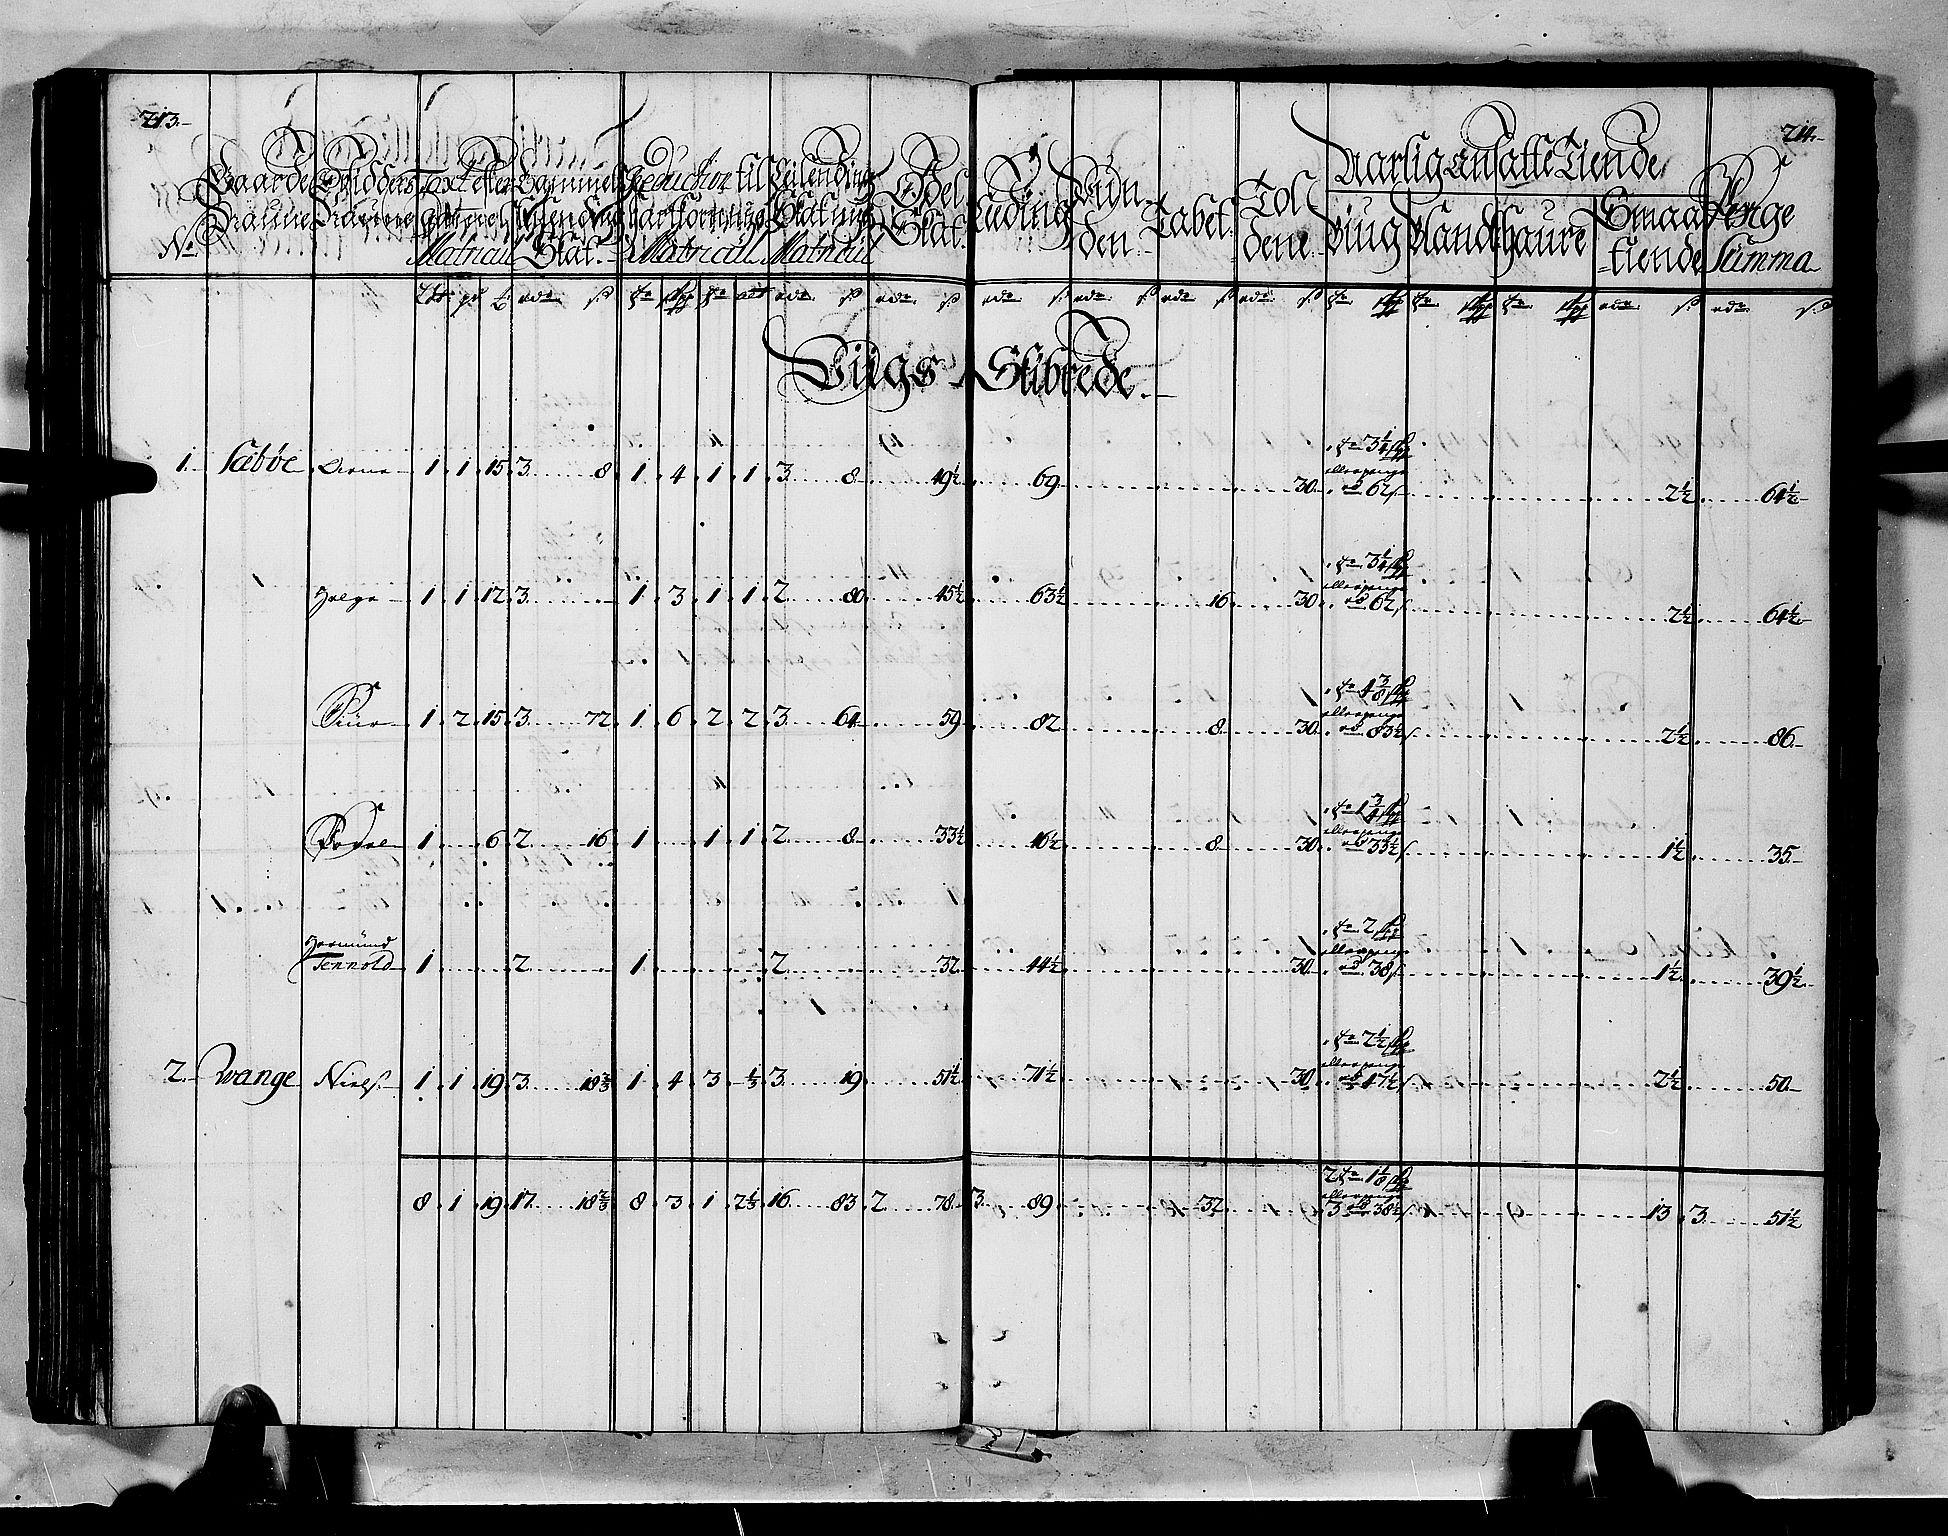 RA, Rentekammeret inntil 1814, Realistisk ordnet avdeling, N/Nb/Nbf/L0145: Ytre Sogn matrikkelprotokoll, 1723, s. 213-214